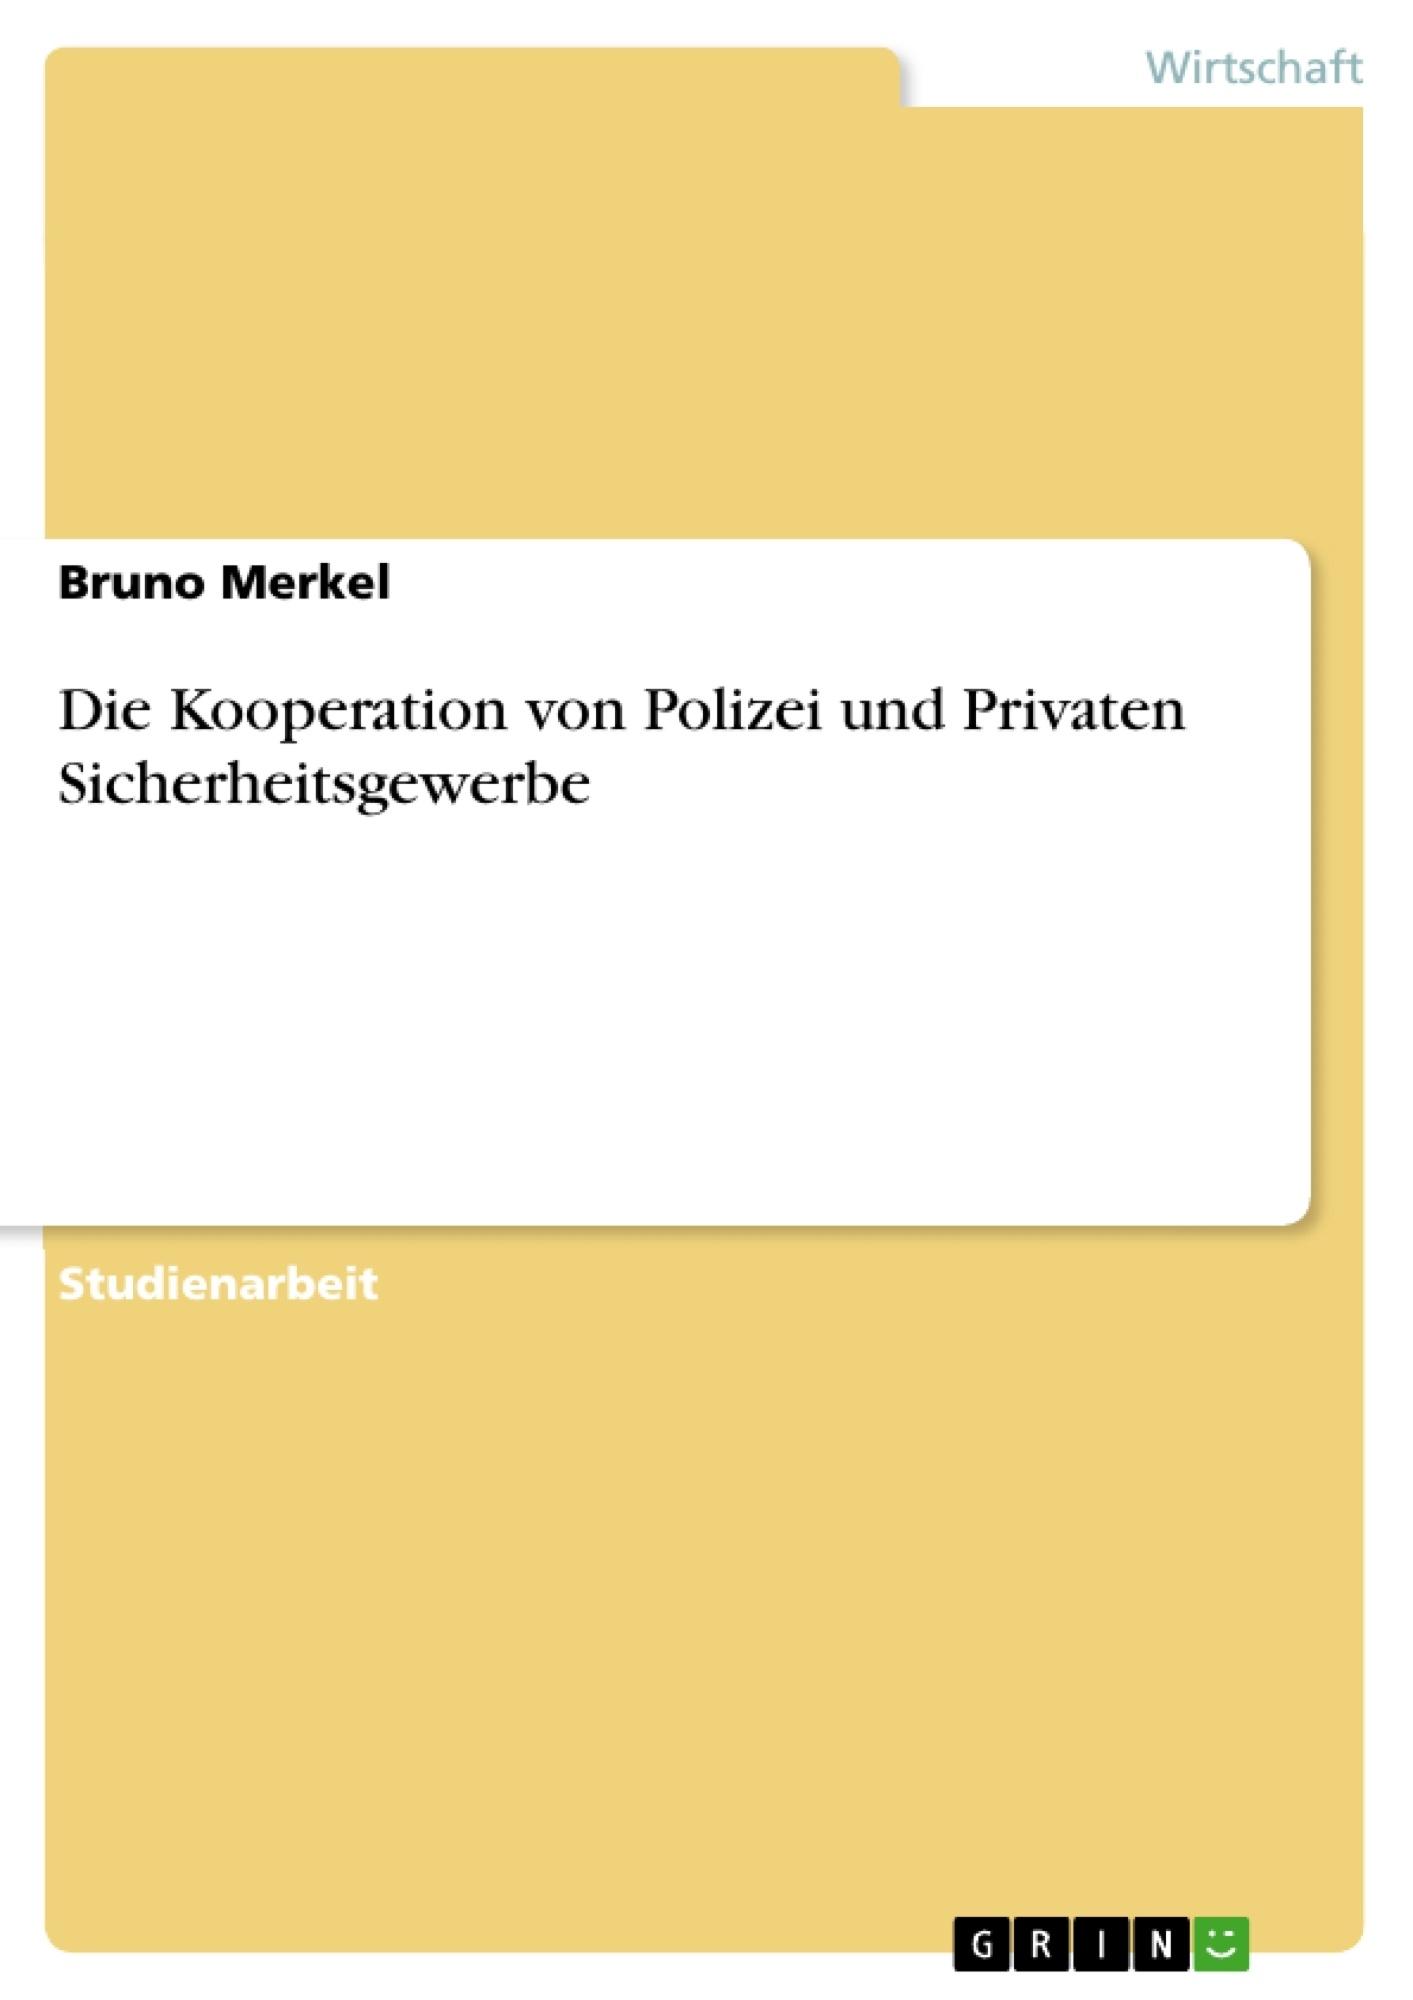 Titel: Die Kooperation von Polizei und Privaten Sicherheitsgewerbe